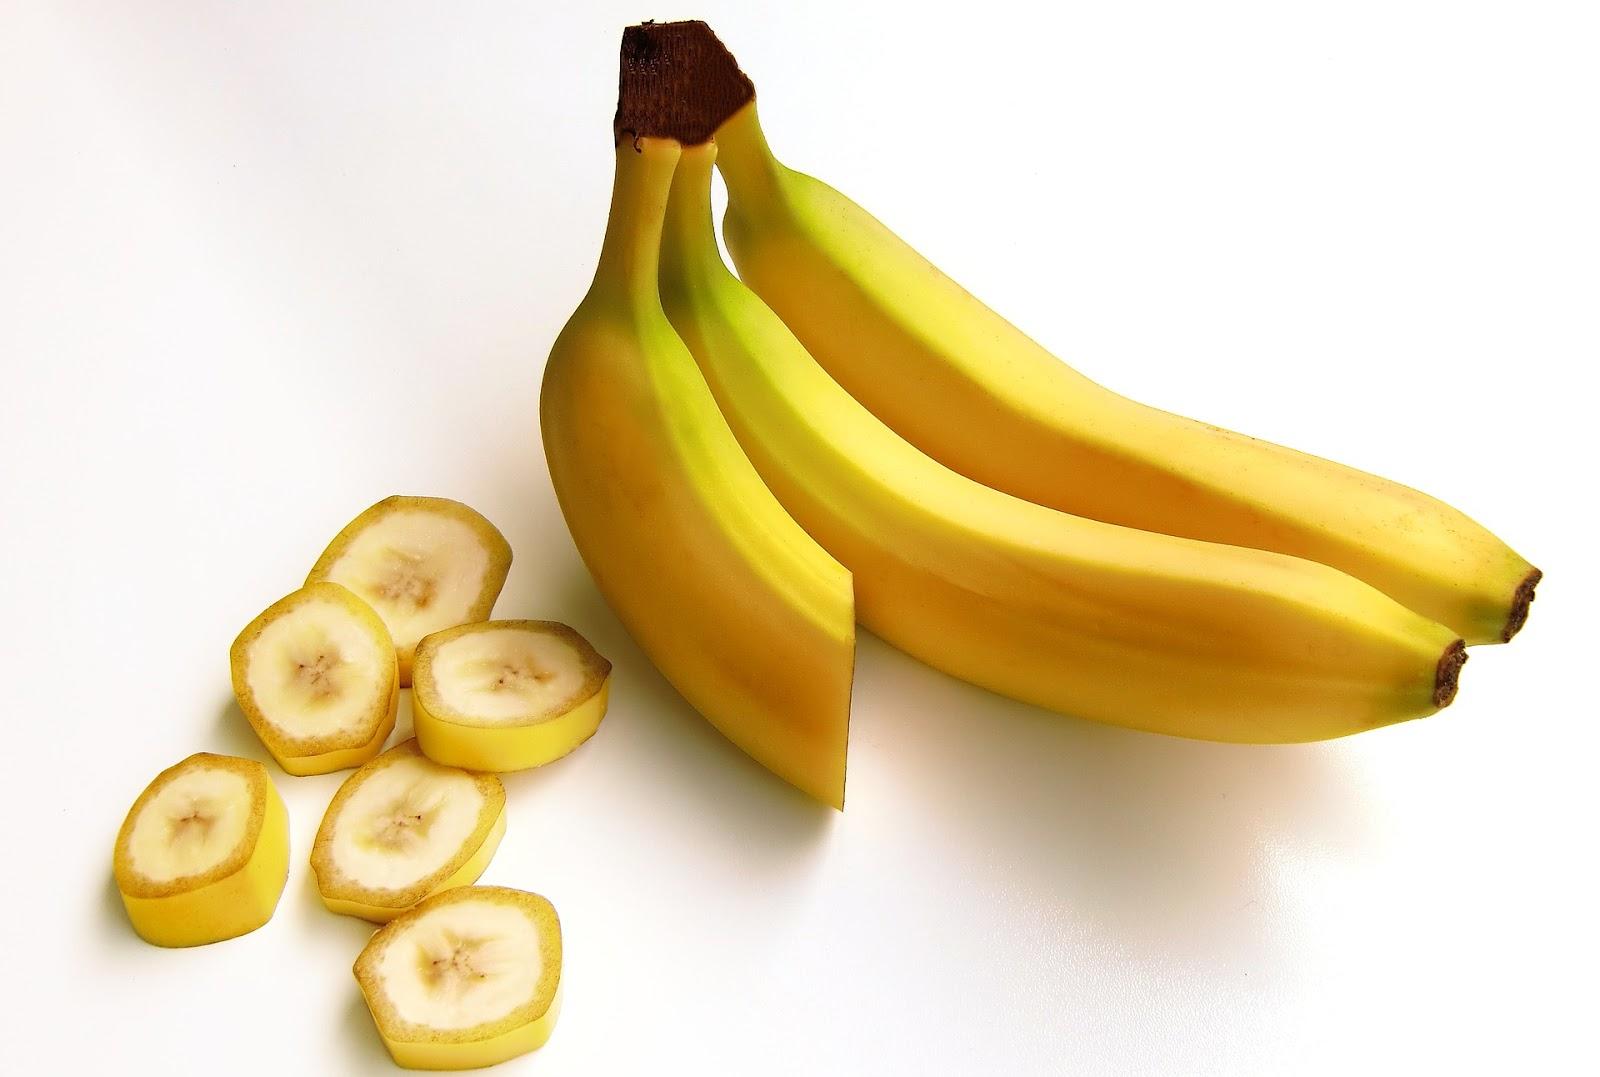 manfaat buah bagi ibu hamil